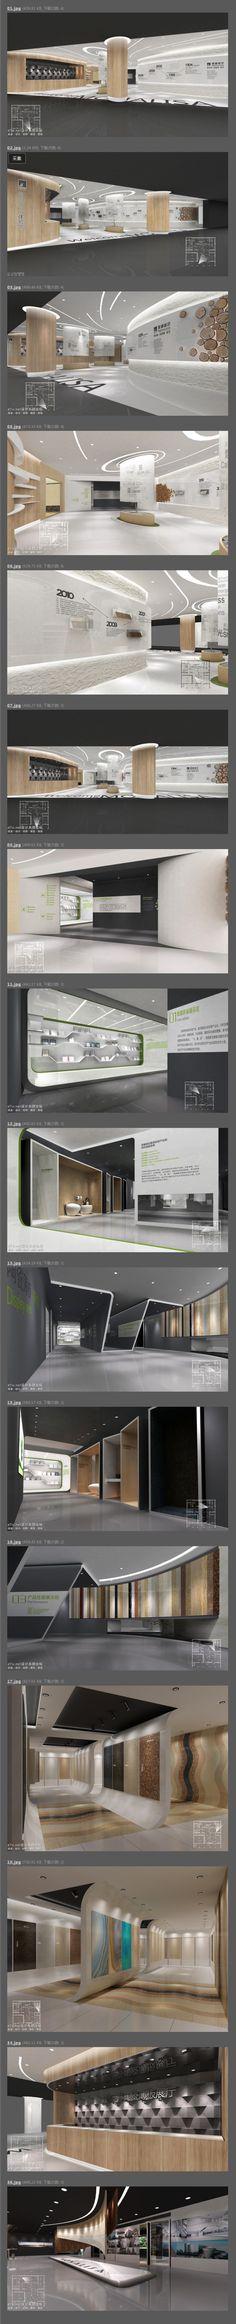 Mona Lisa ceramic plate Headquarters Gallery - Original design - design ...